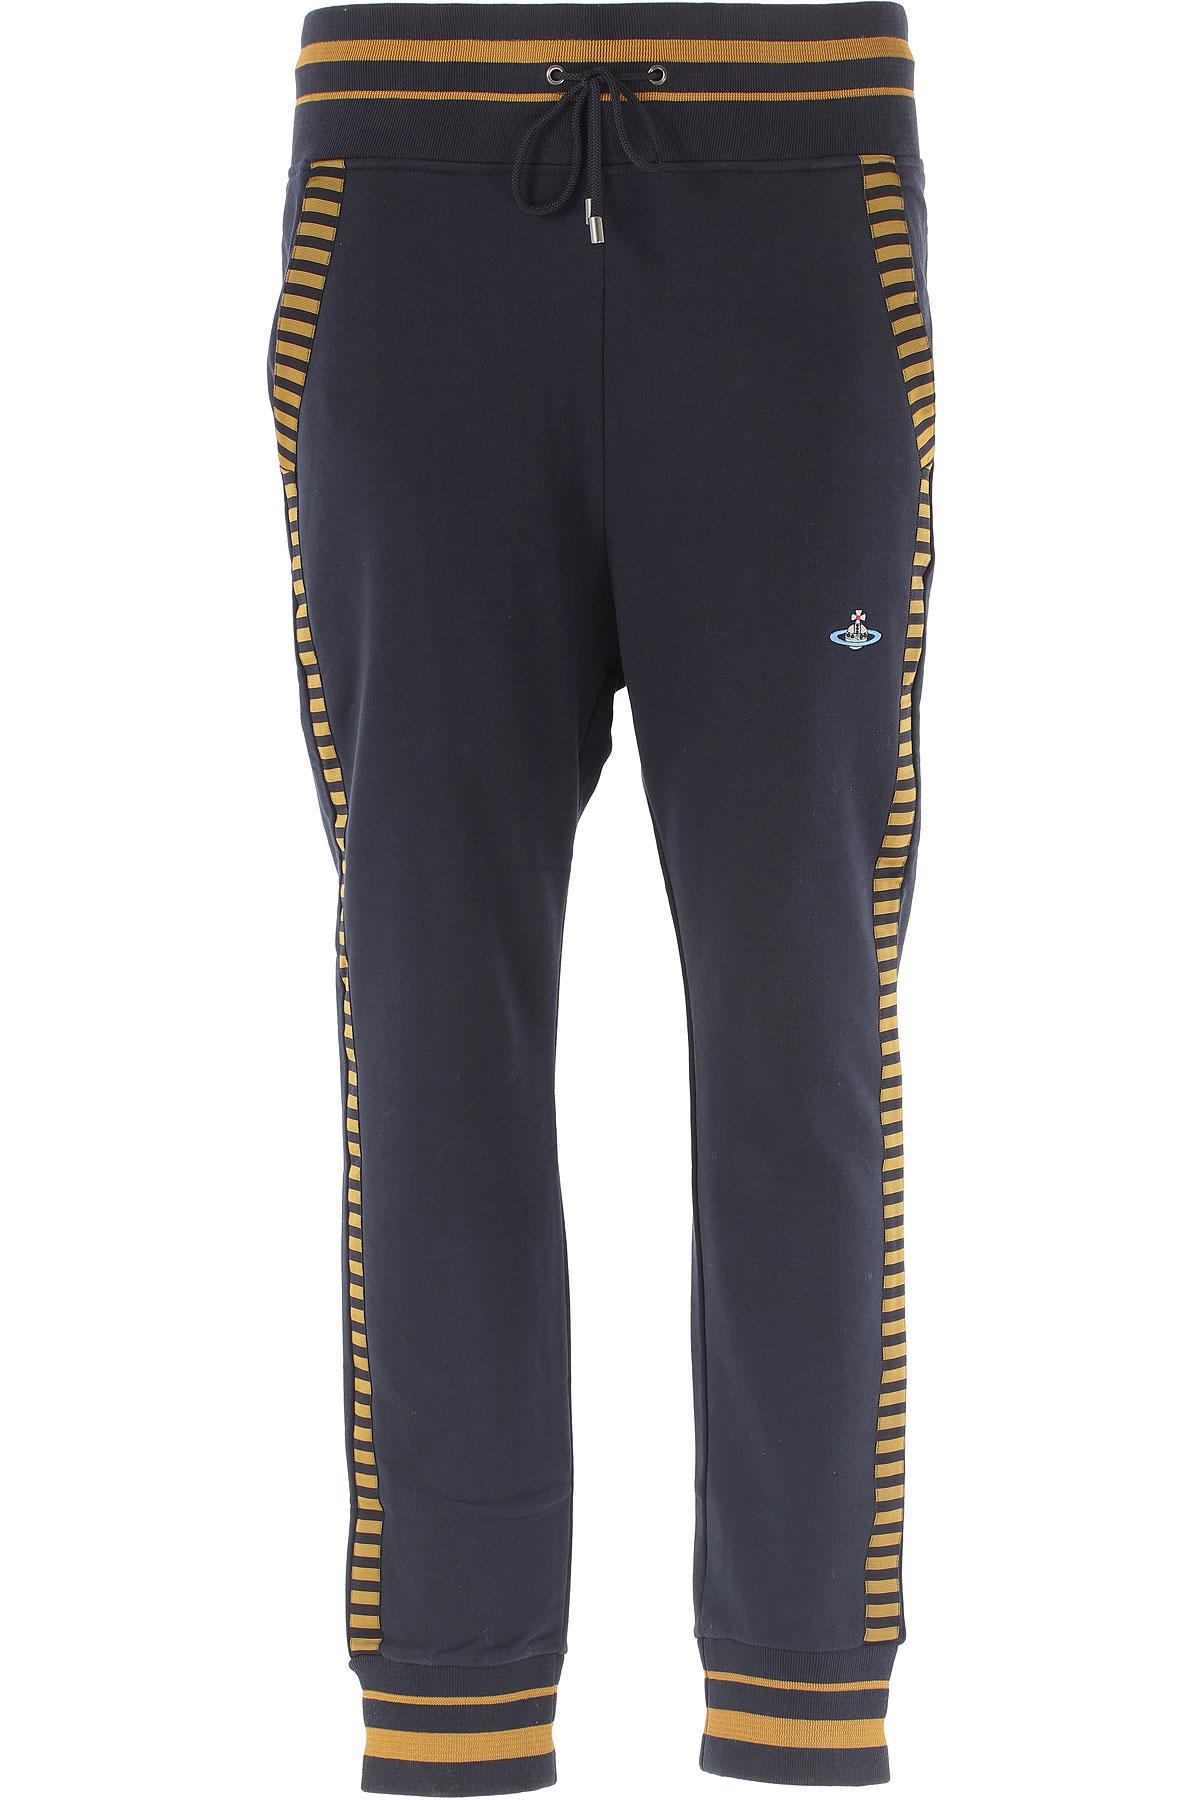 Vivienne Westwood Pantalon Homme Pas cher en Soldes Outlet, Bleu, Coton, 2017, S XXL